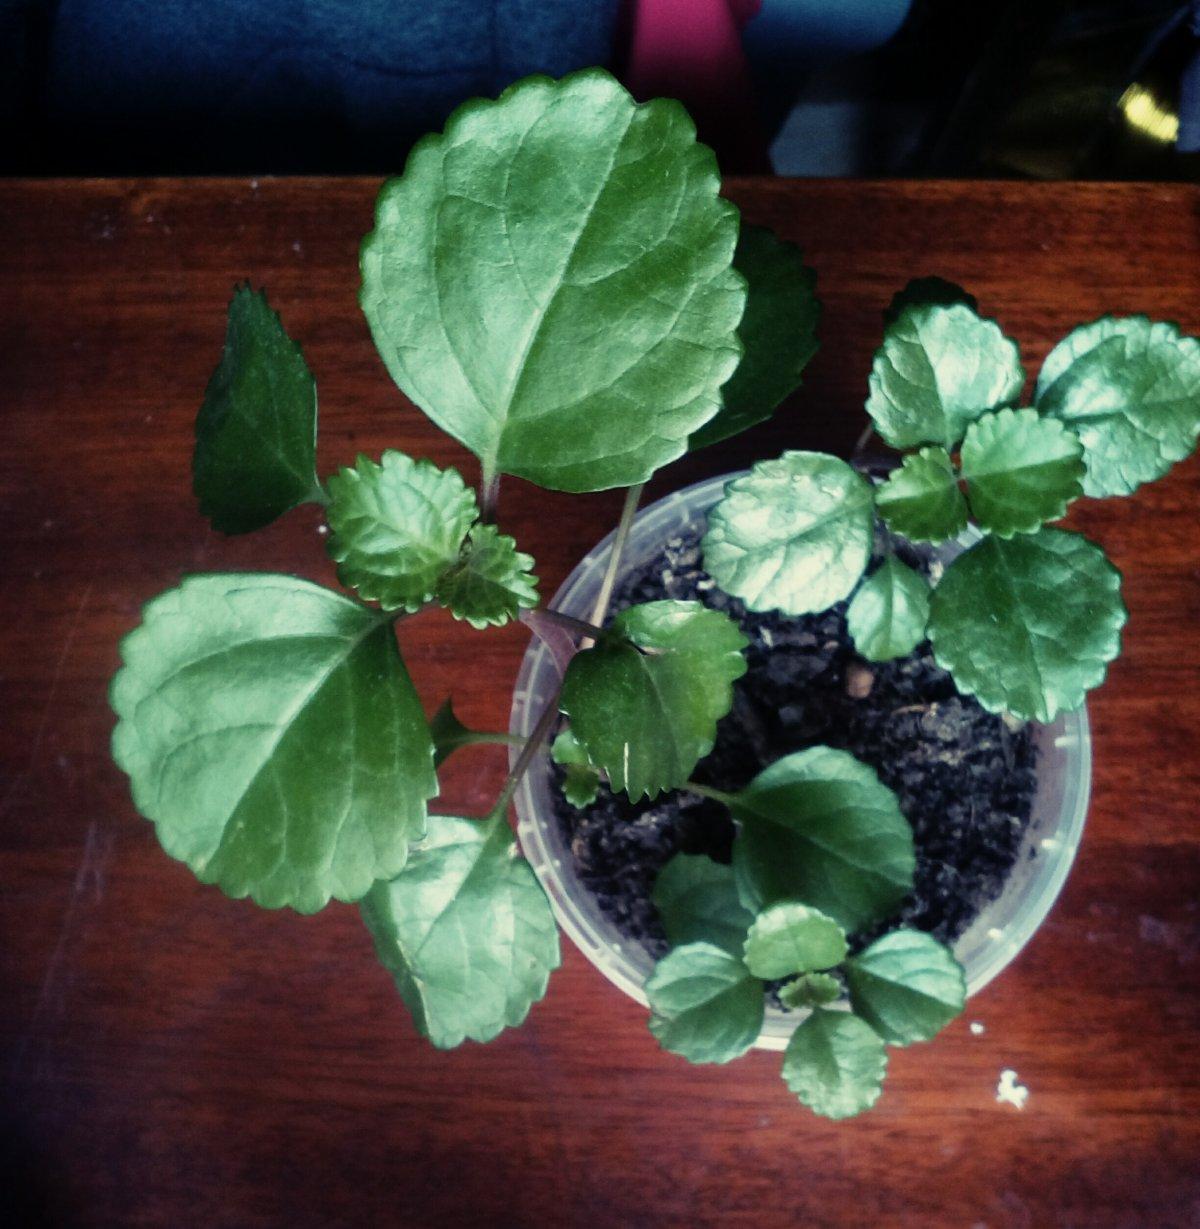 #1 листья блестящие, гладкие.